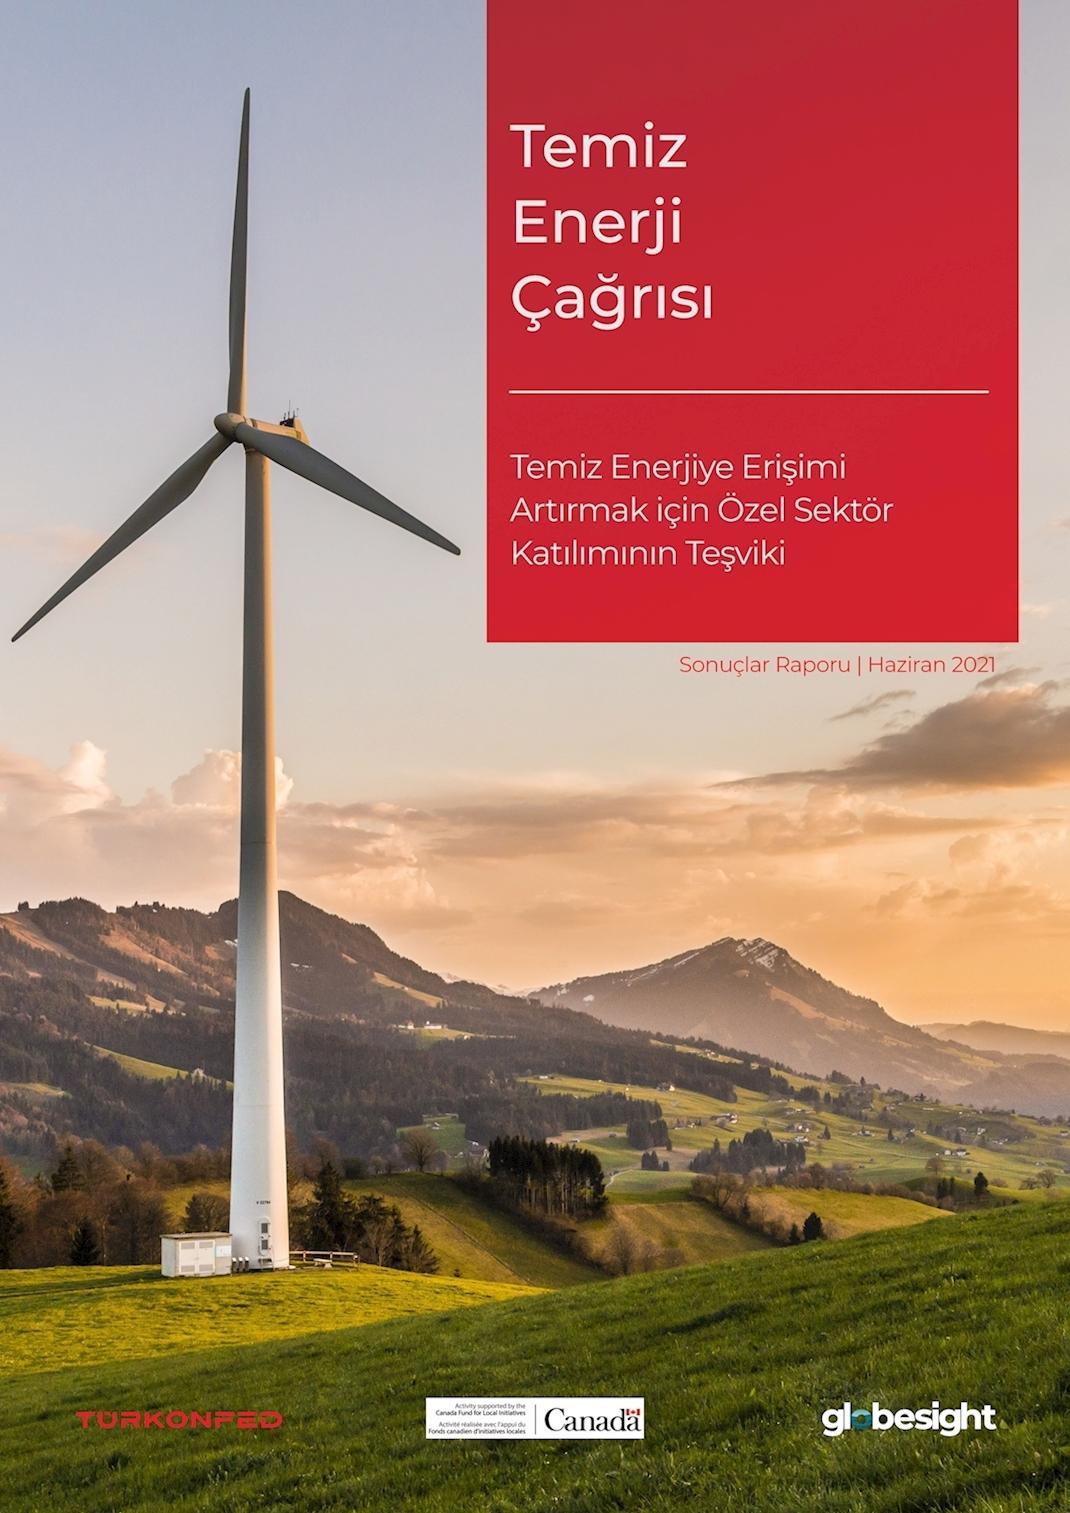 Temiz Enerji Çağrısı - Temiz Enerjiye Erişimi Artırmak için Özel Sektör Katılımının Teşviki Sonuçlar Raporu